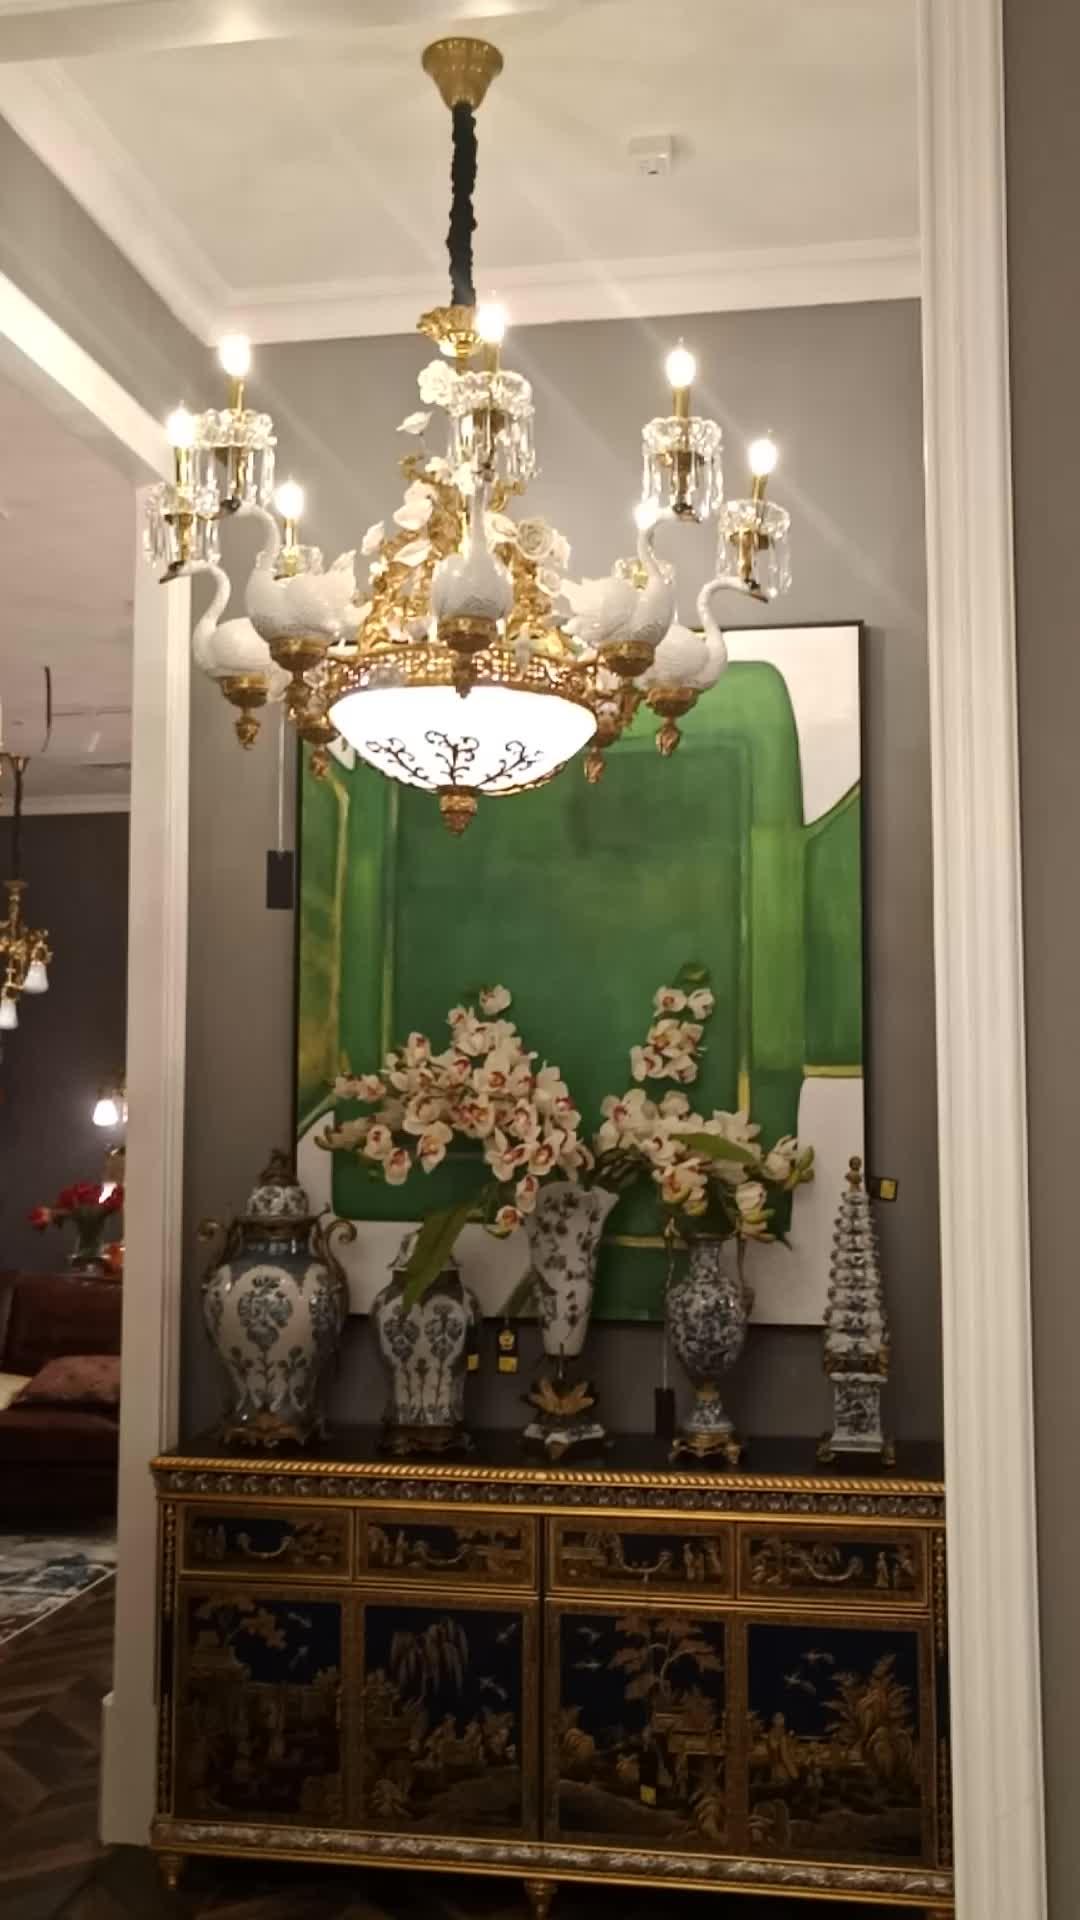 Vintage classic francese di lusso cigno di ceramica candela lampadario in ottone ha condotto la luce di cristallo lustro lampada a sospensione per la royal palace hotel